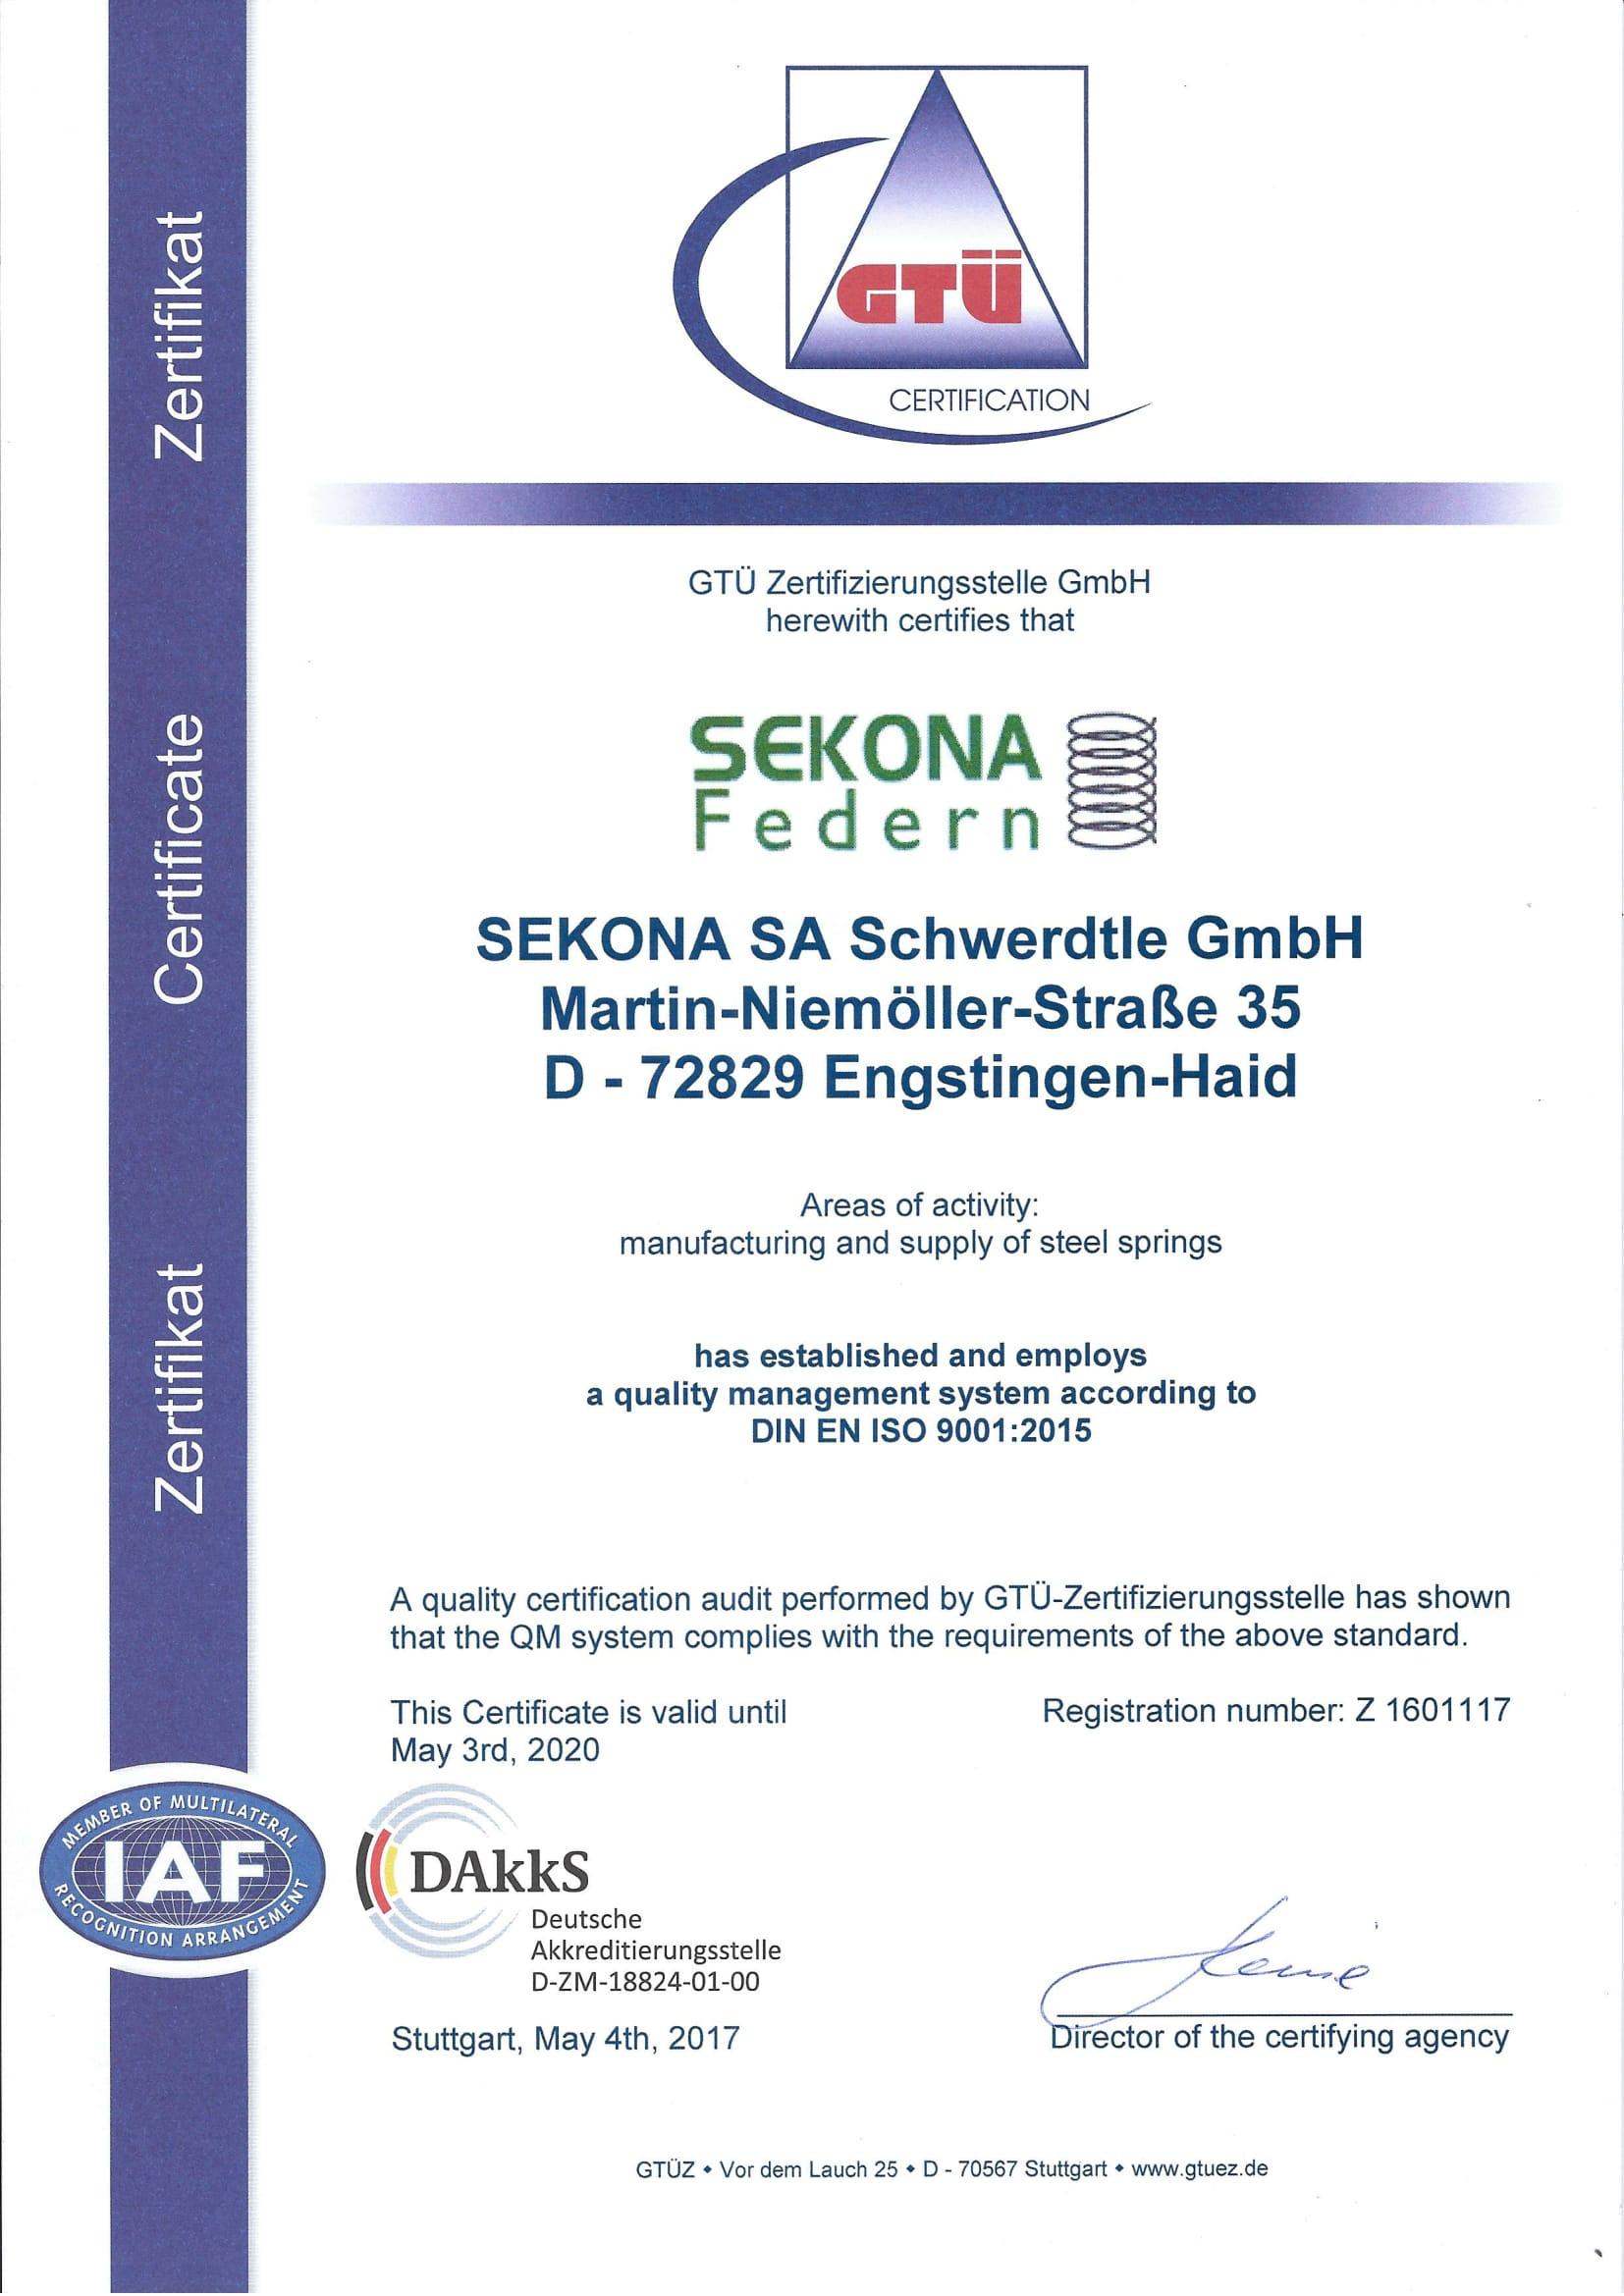 DIN EN ISO 9001 Zertifikat Englisch